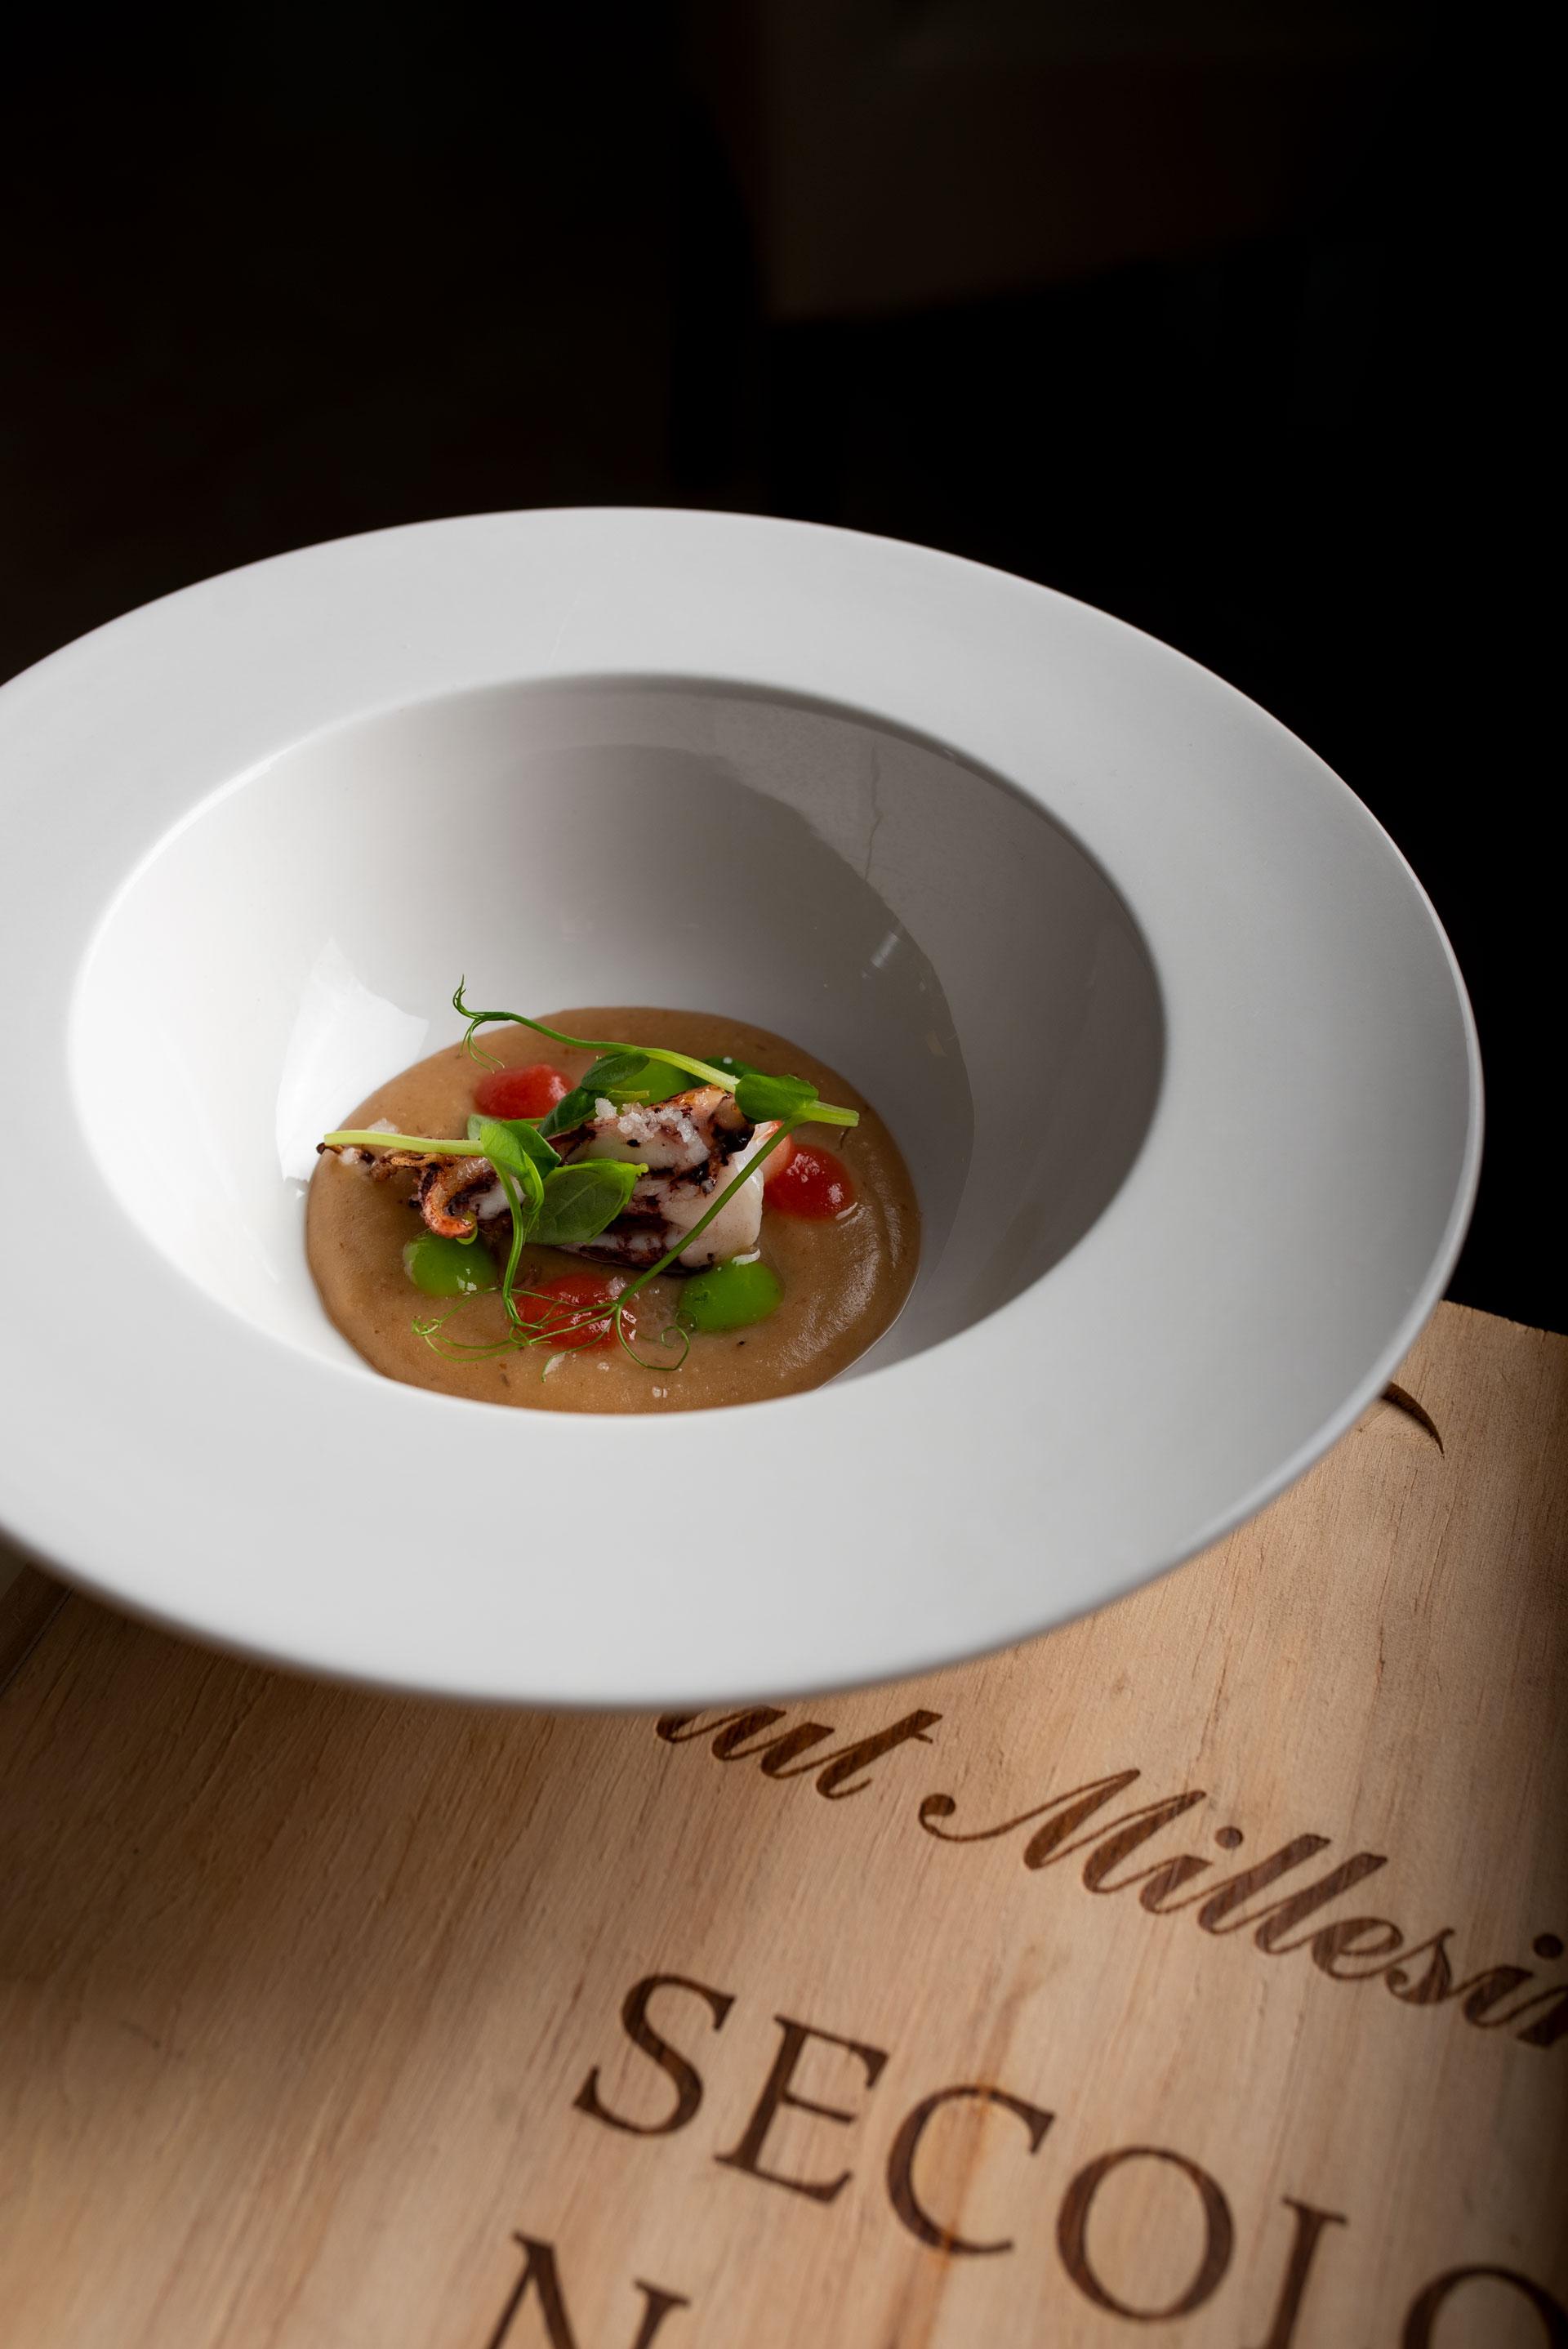 officina-visiva-foto-food-chef-andrea-fanti-croma-lago-03-web